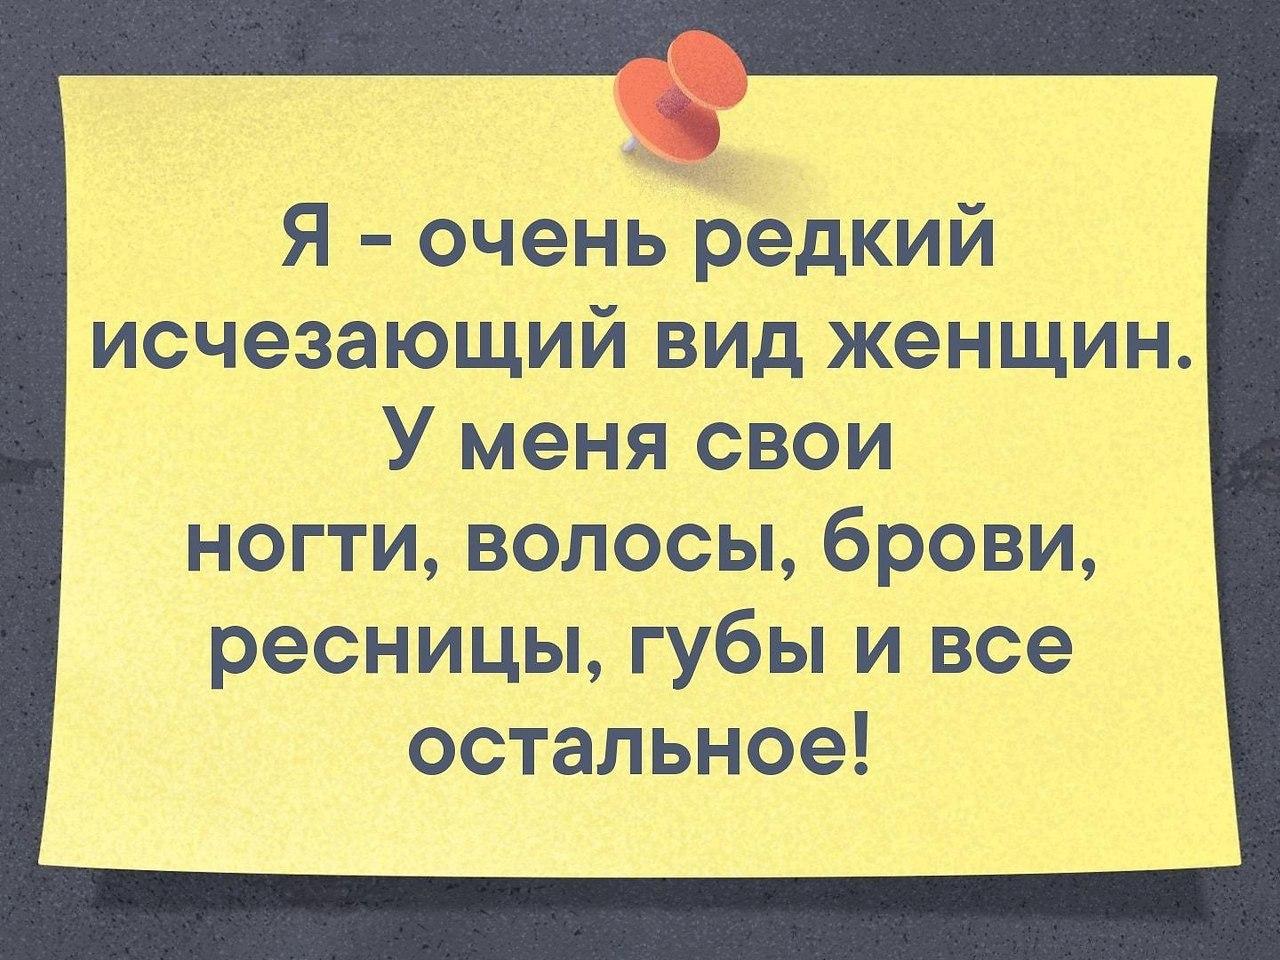 Элеонора Крыжановская - 25 июня 2019 в 22:16